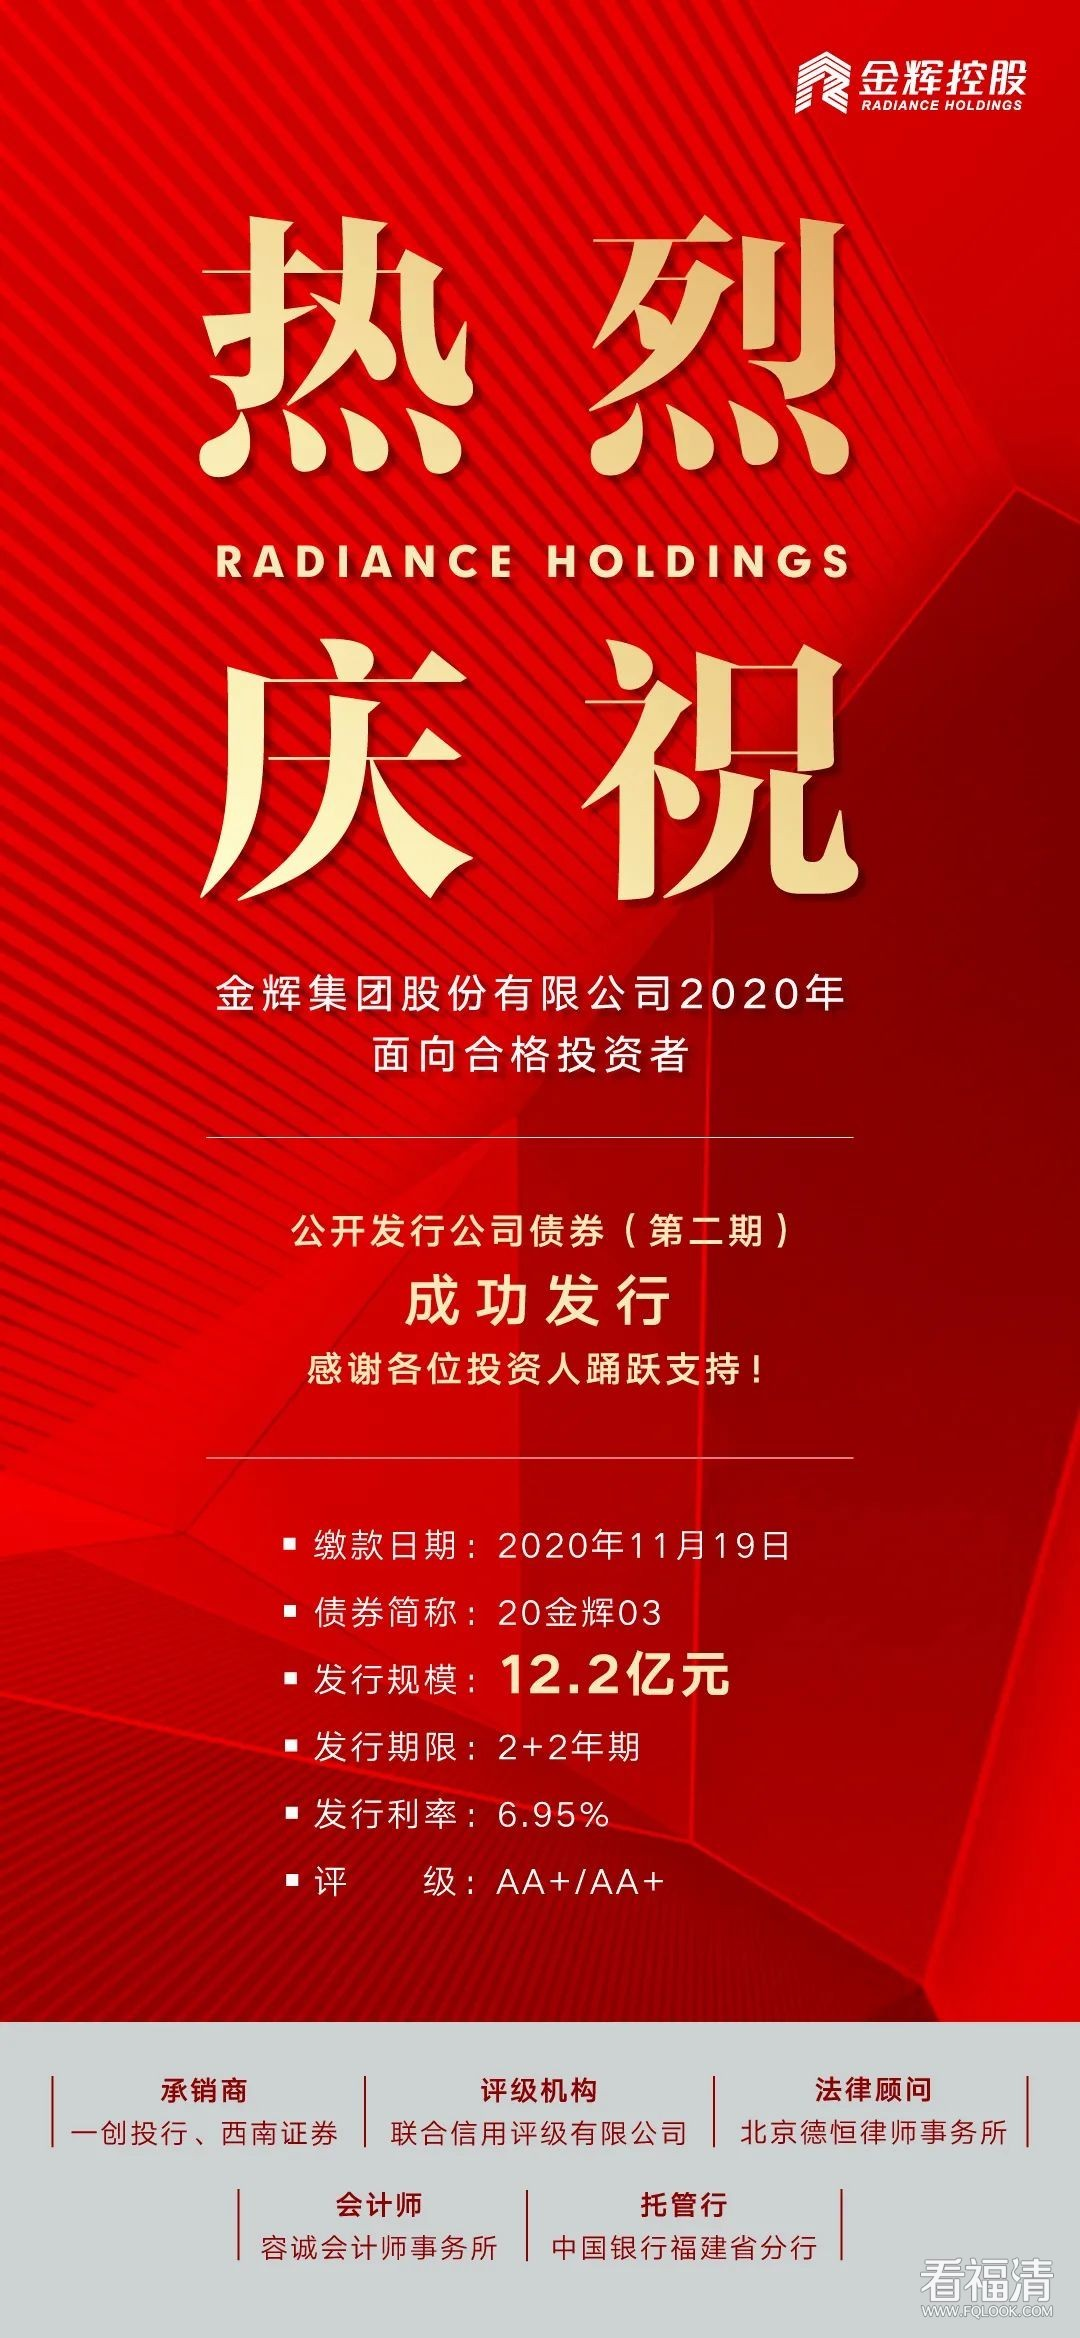 金辉集团成功发行12.2亿元公司债券